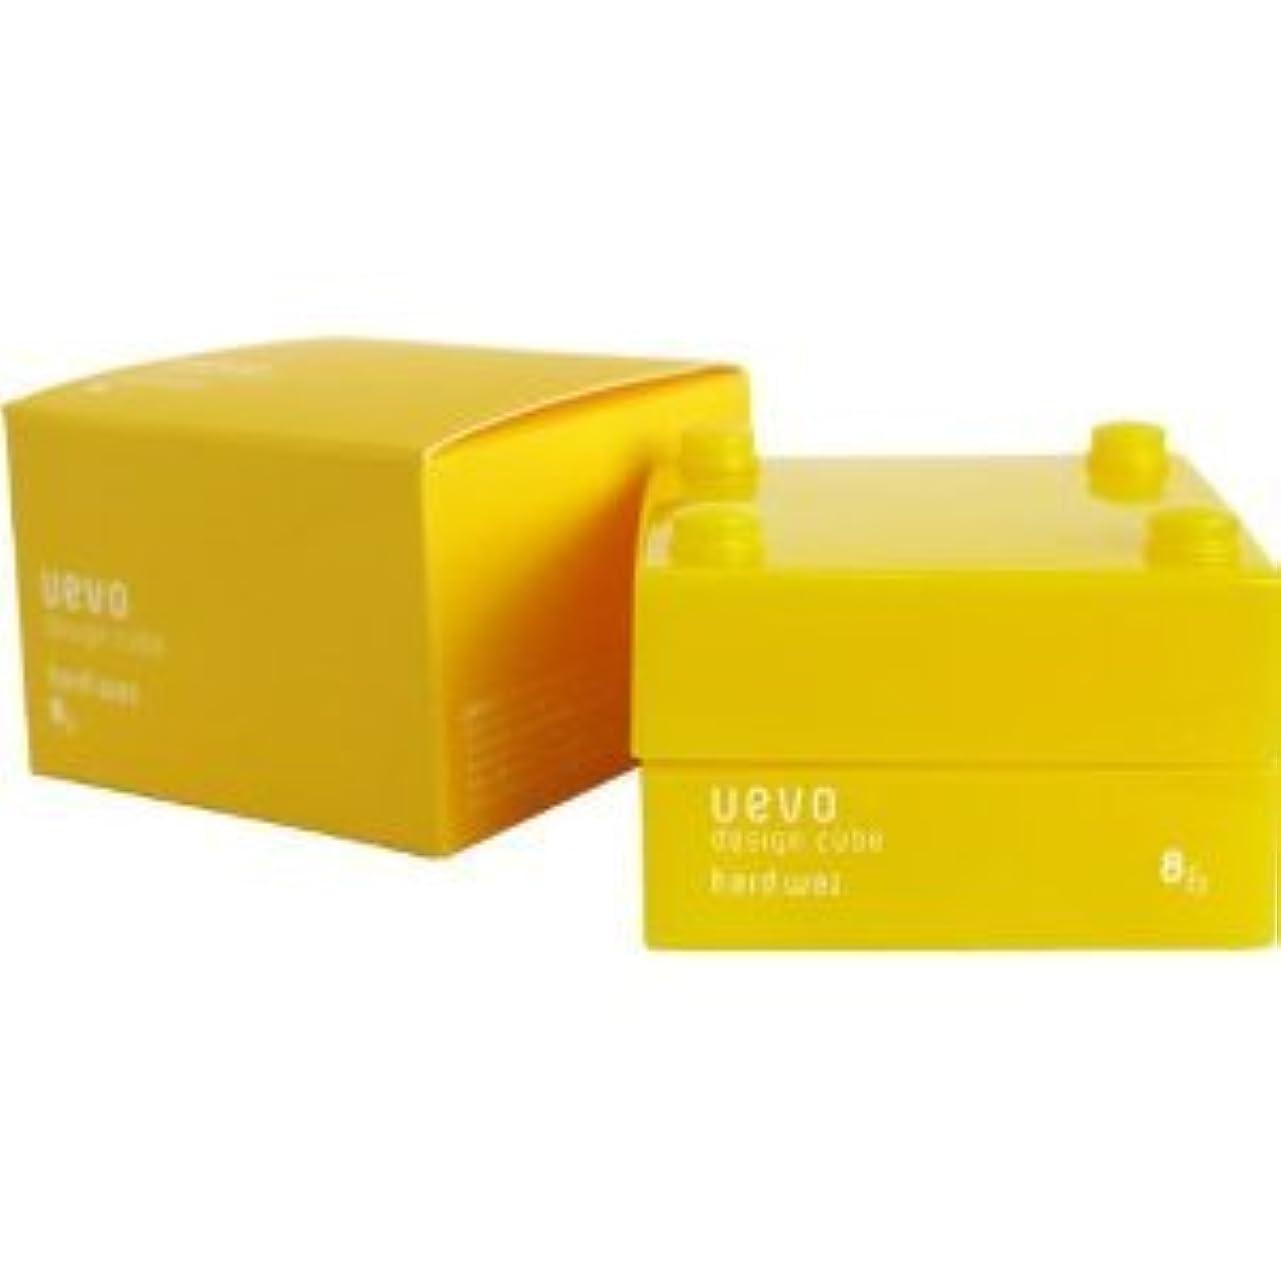 義務づける寺院病気【X3個セット】 デミ ウェーボ デザインキューブ ハードワックス 30g hard wax DEMI uevo design cube